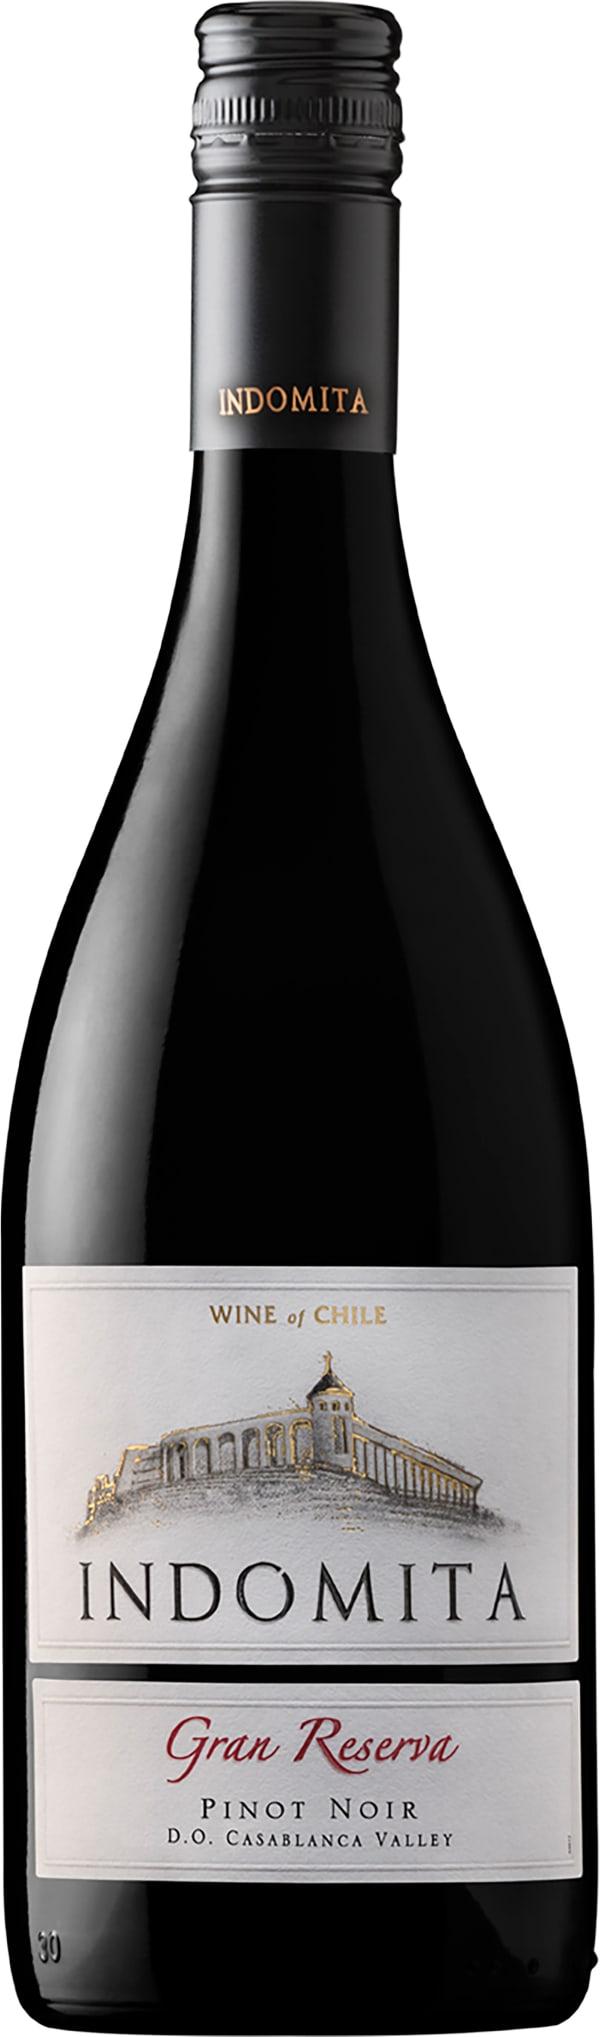 Indomita Gran Reserva Pinot Noir 2018